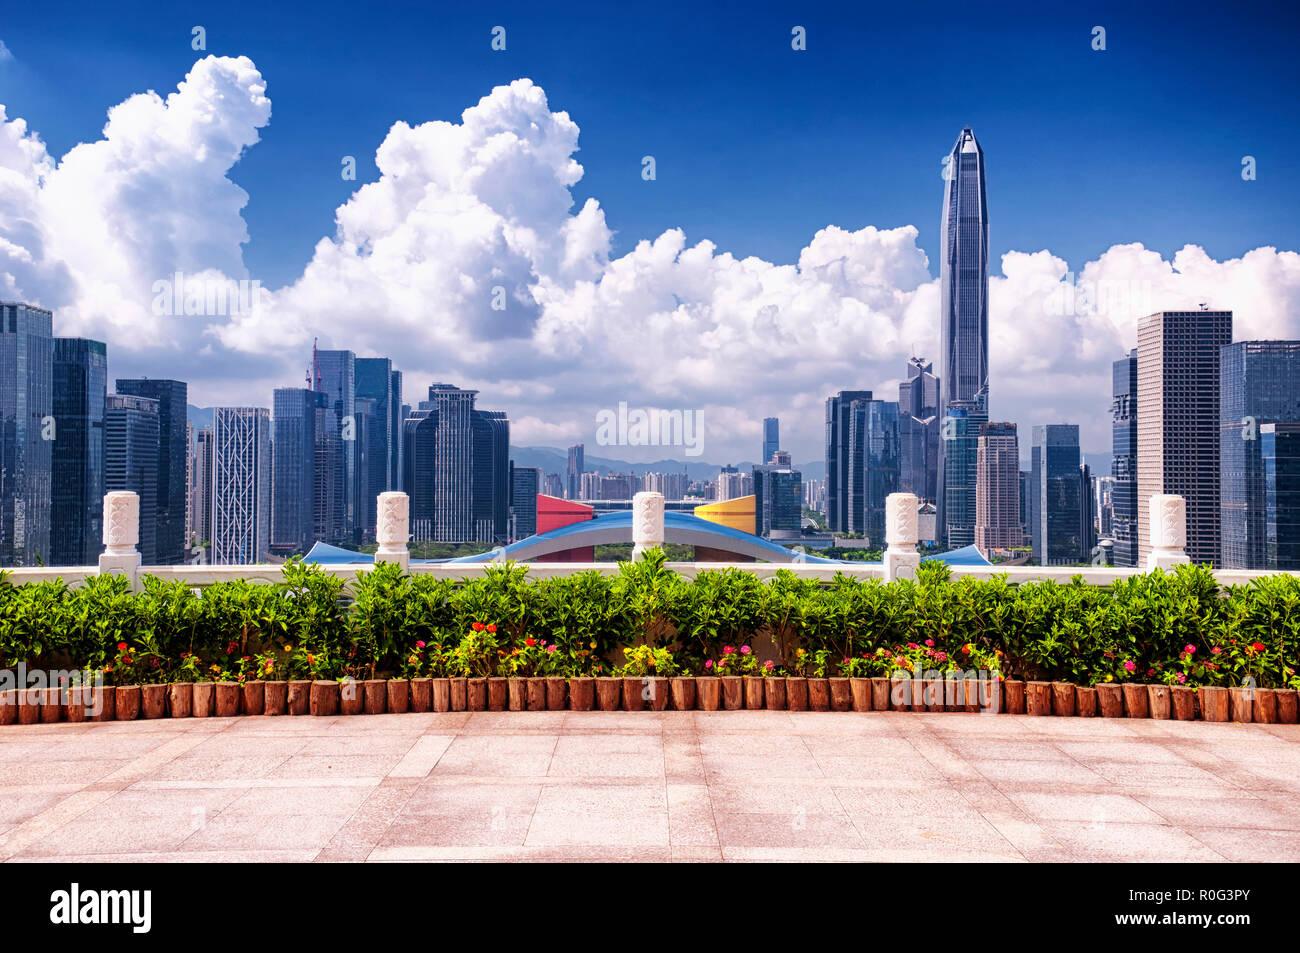 Donnant sur la ville de Shenzhen, civic center et centre financier pingan sur un ciel bleu ensoleillé jour. Photo Stock